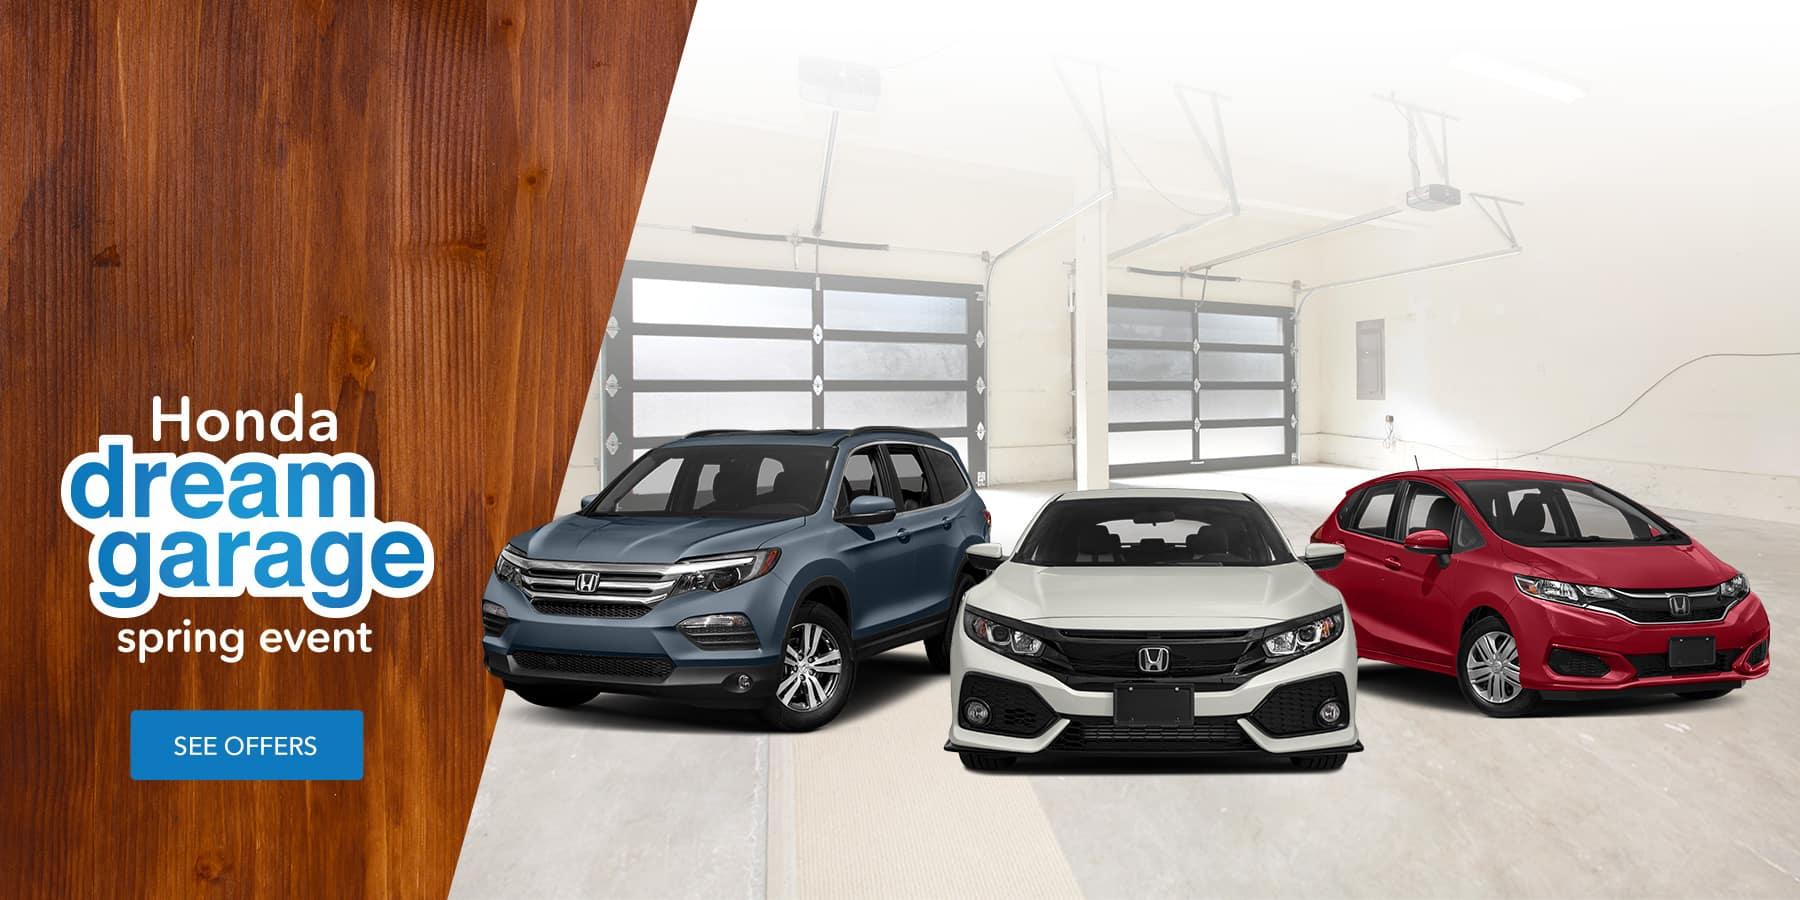 Jeffrey Honda Dream Garage Event